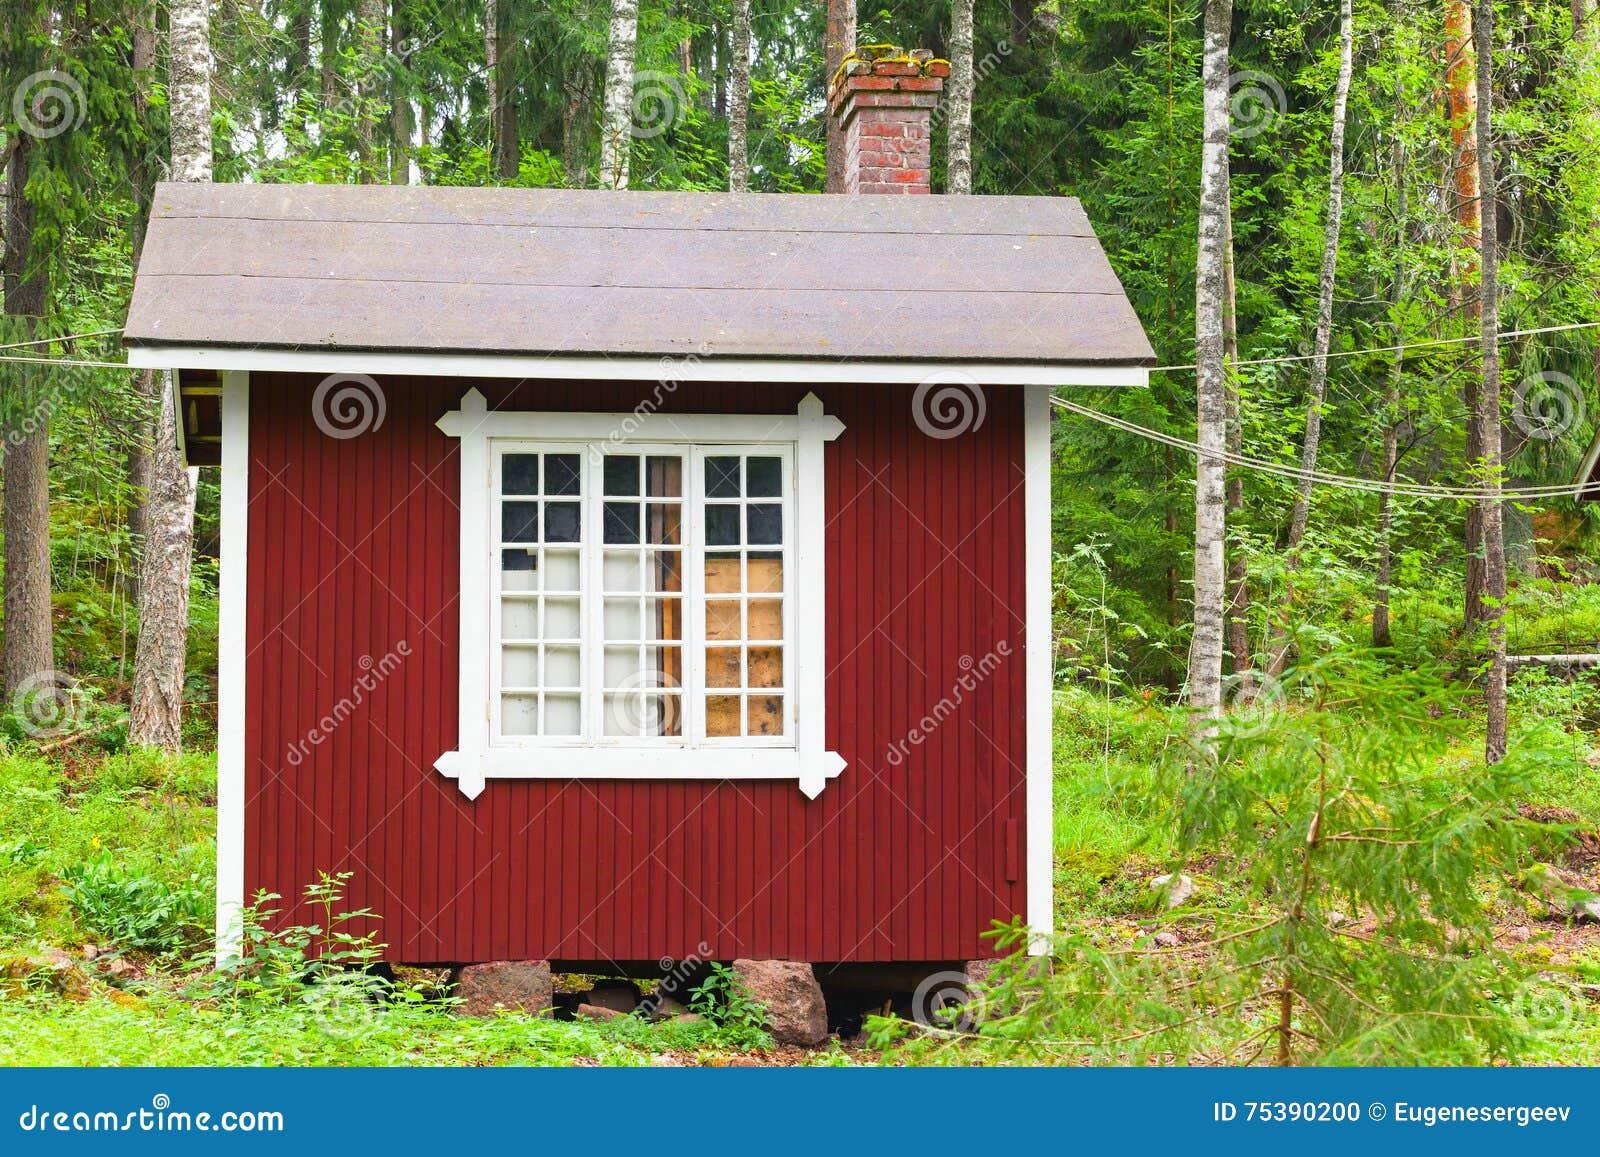 Piccola casa di legno rossa scandinava in foresta for Piccola casa produttrice di cianografie